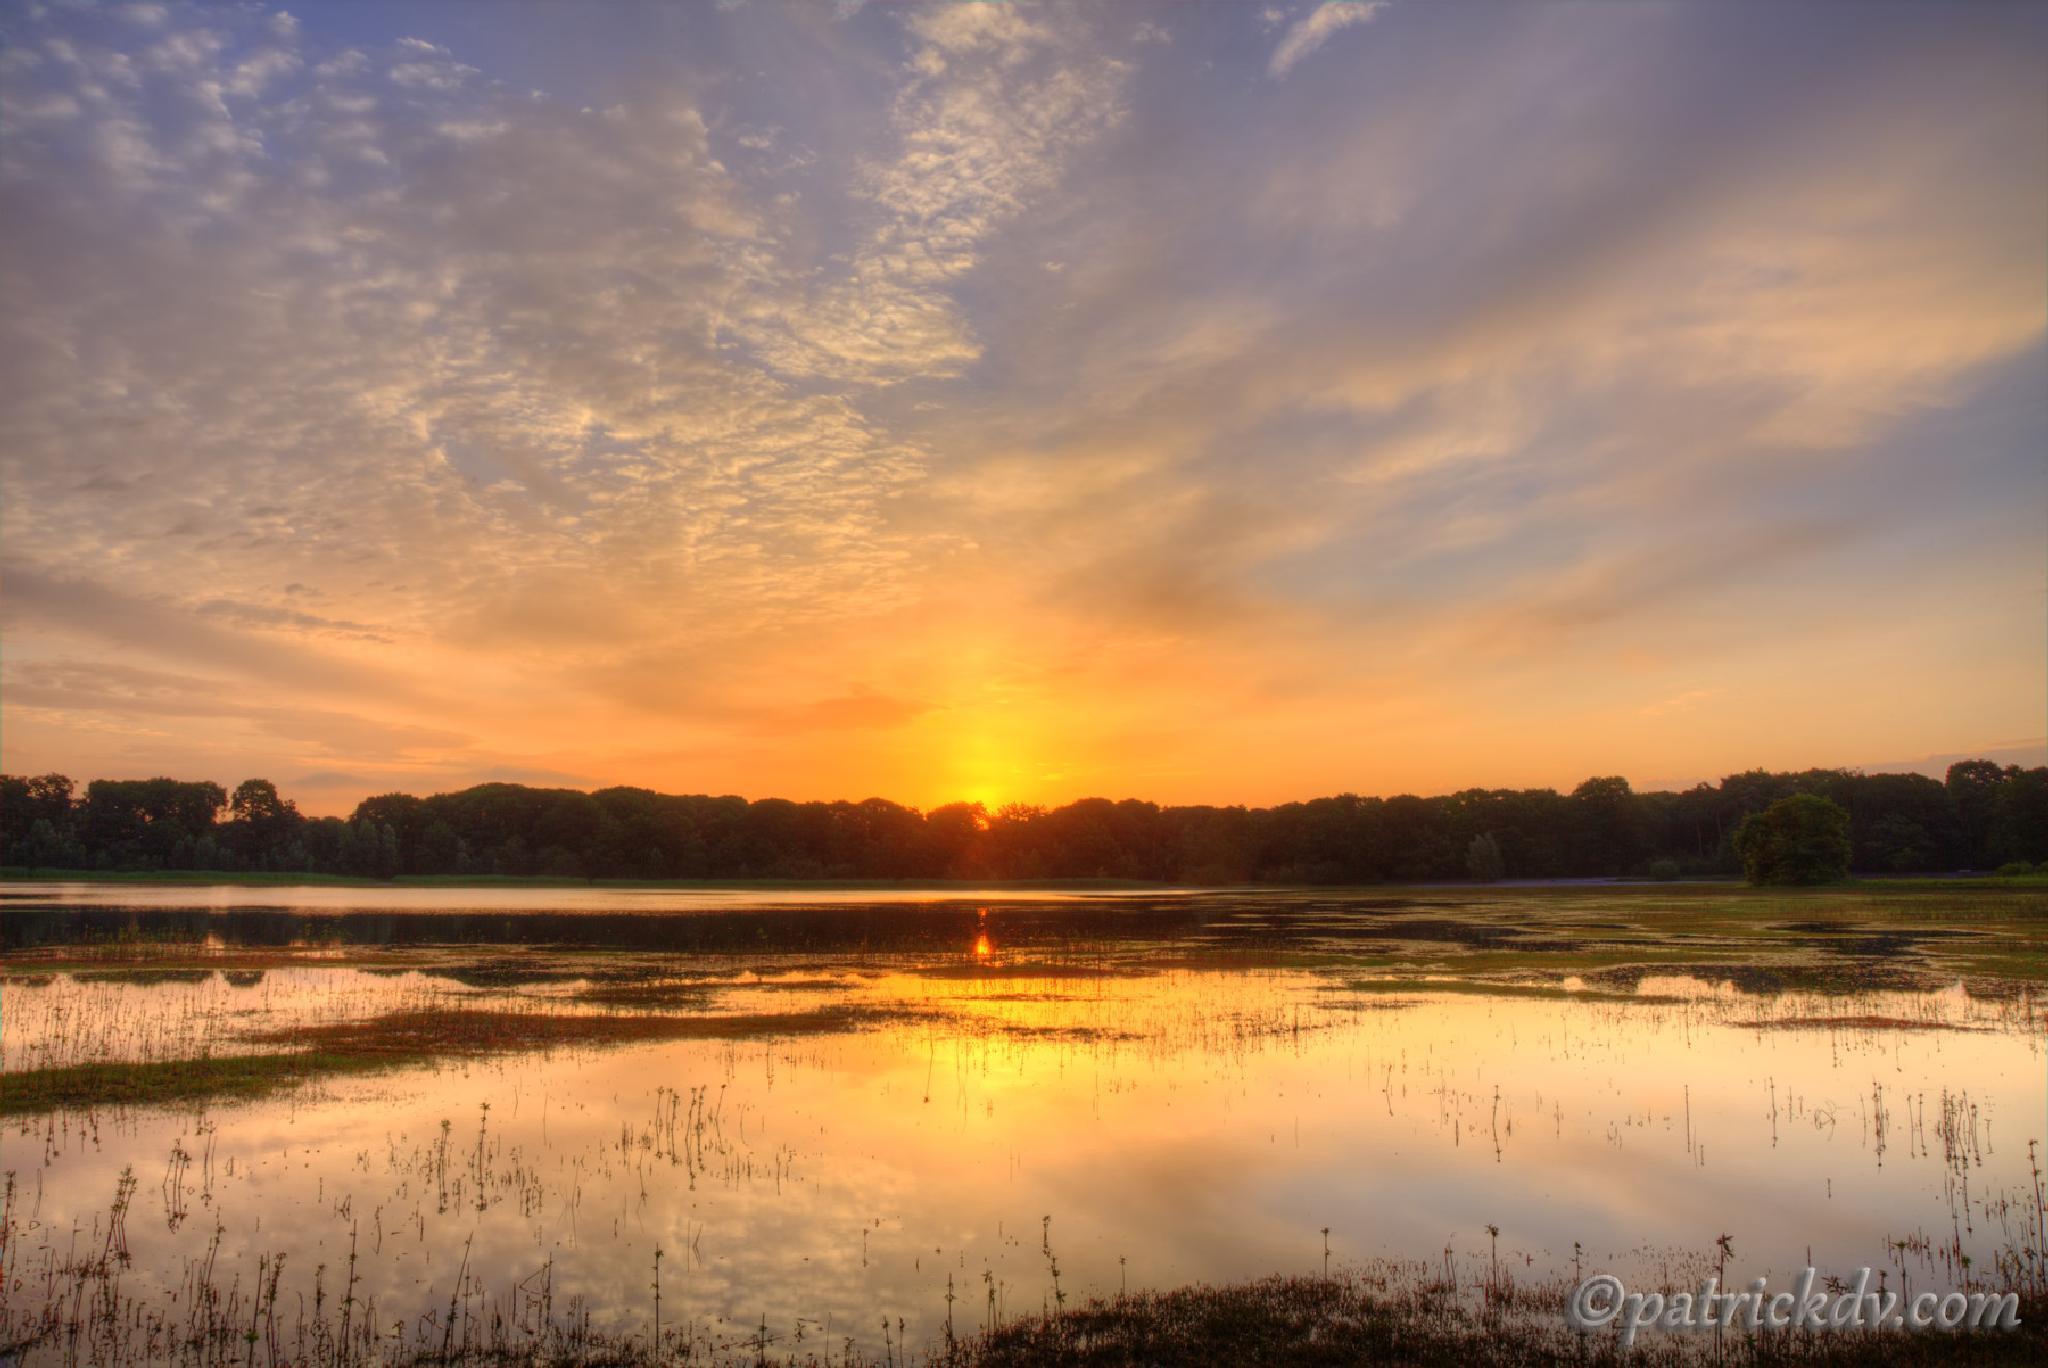 Sunrise#2 by Patrick de Vleeschauwer.